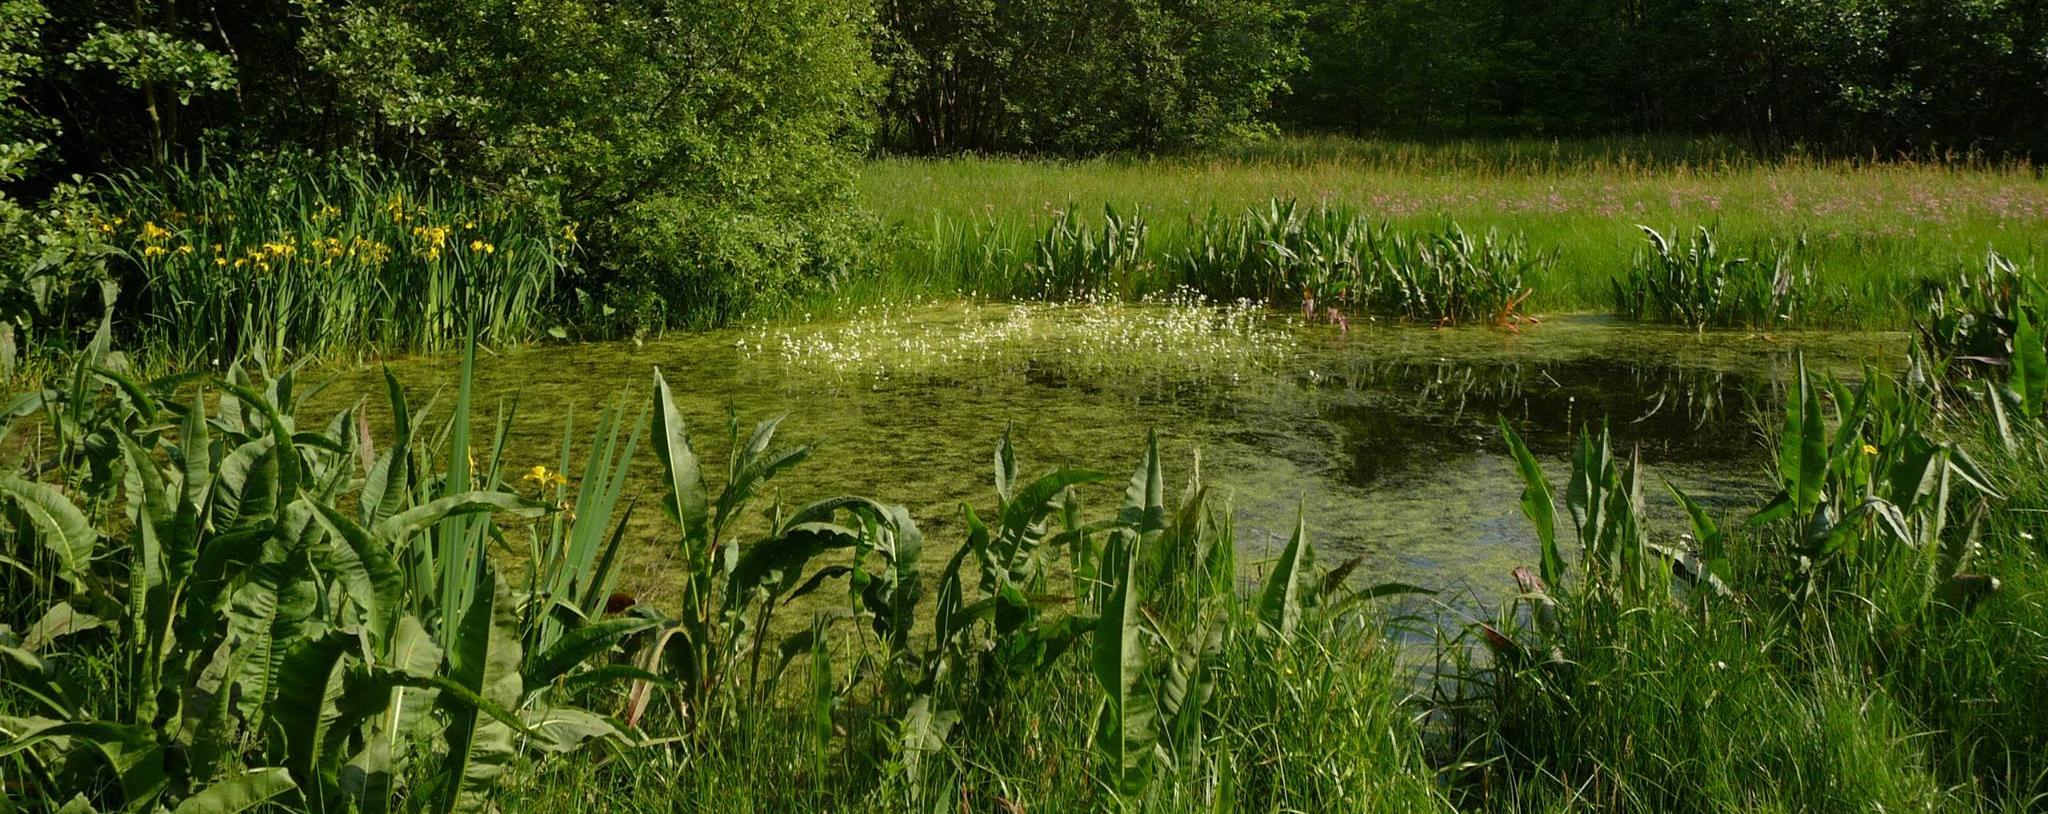 Wijgmaalbroek amfibieënpoel